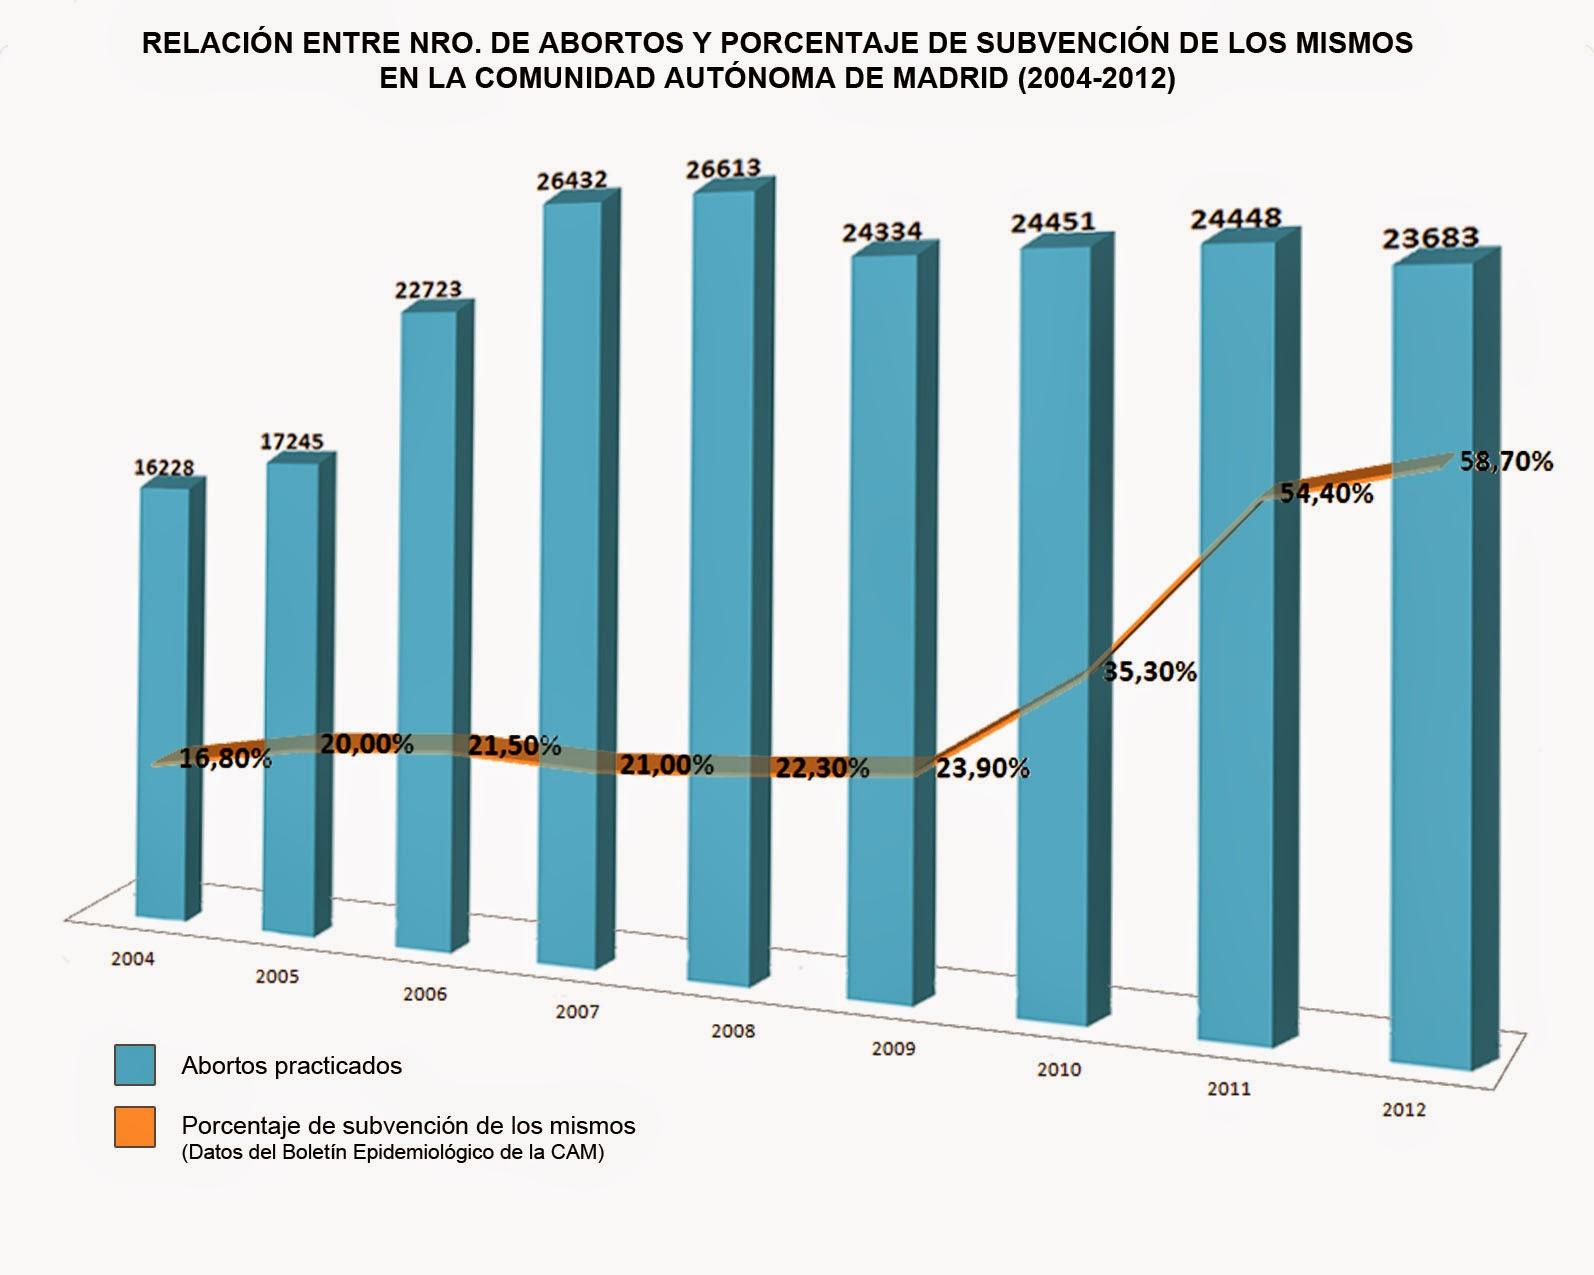 Incremento de la financiación de abortos en la CAM de 2004 (16'8%) a 2012 (58'70%)